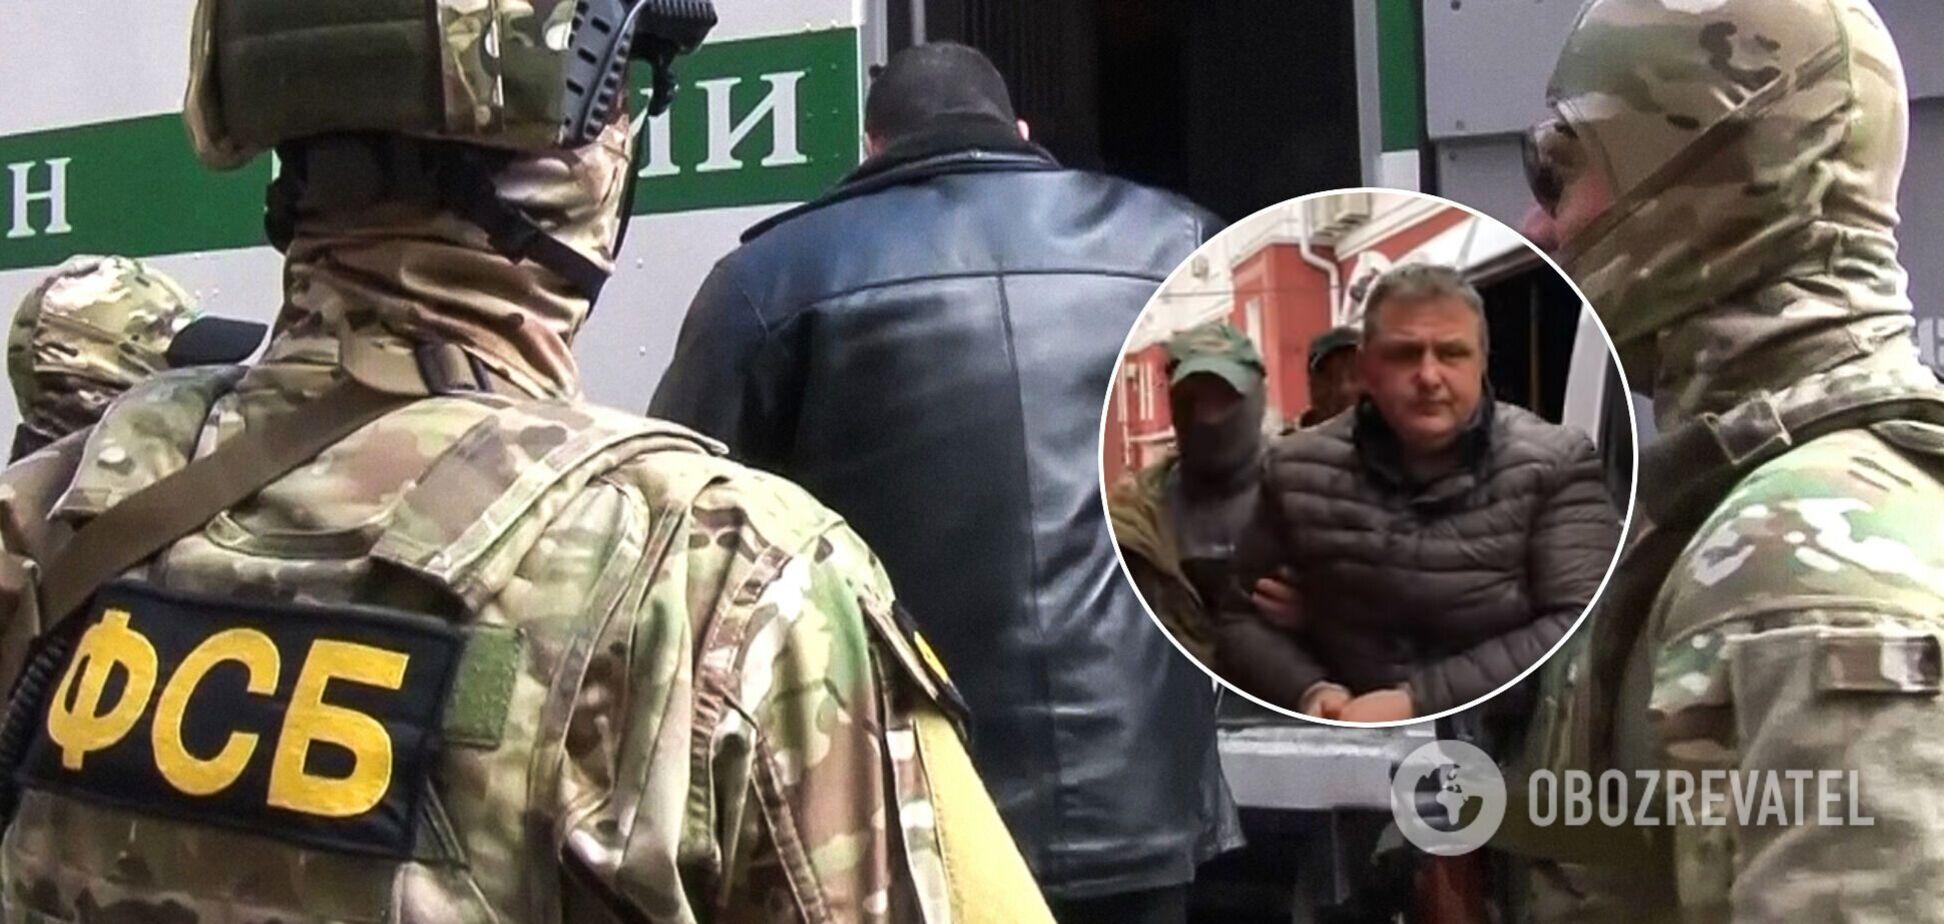 ФСБ задержала в Крыму журналиста за 'шпионаж в пользу Украины': видео и детали